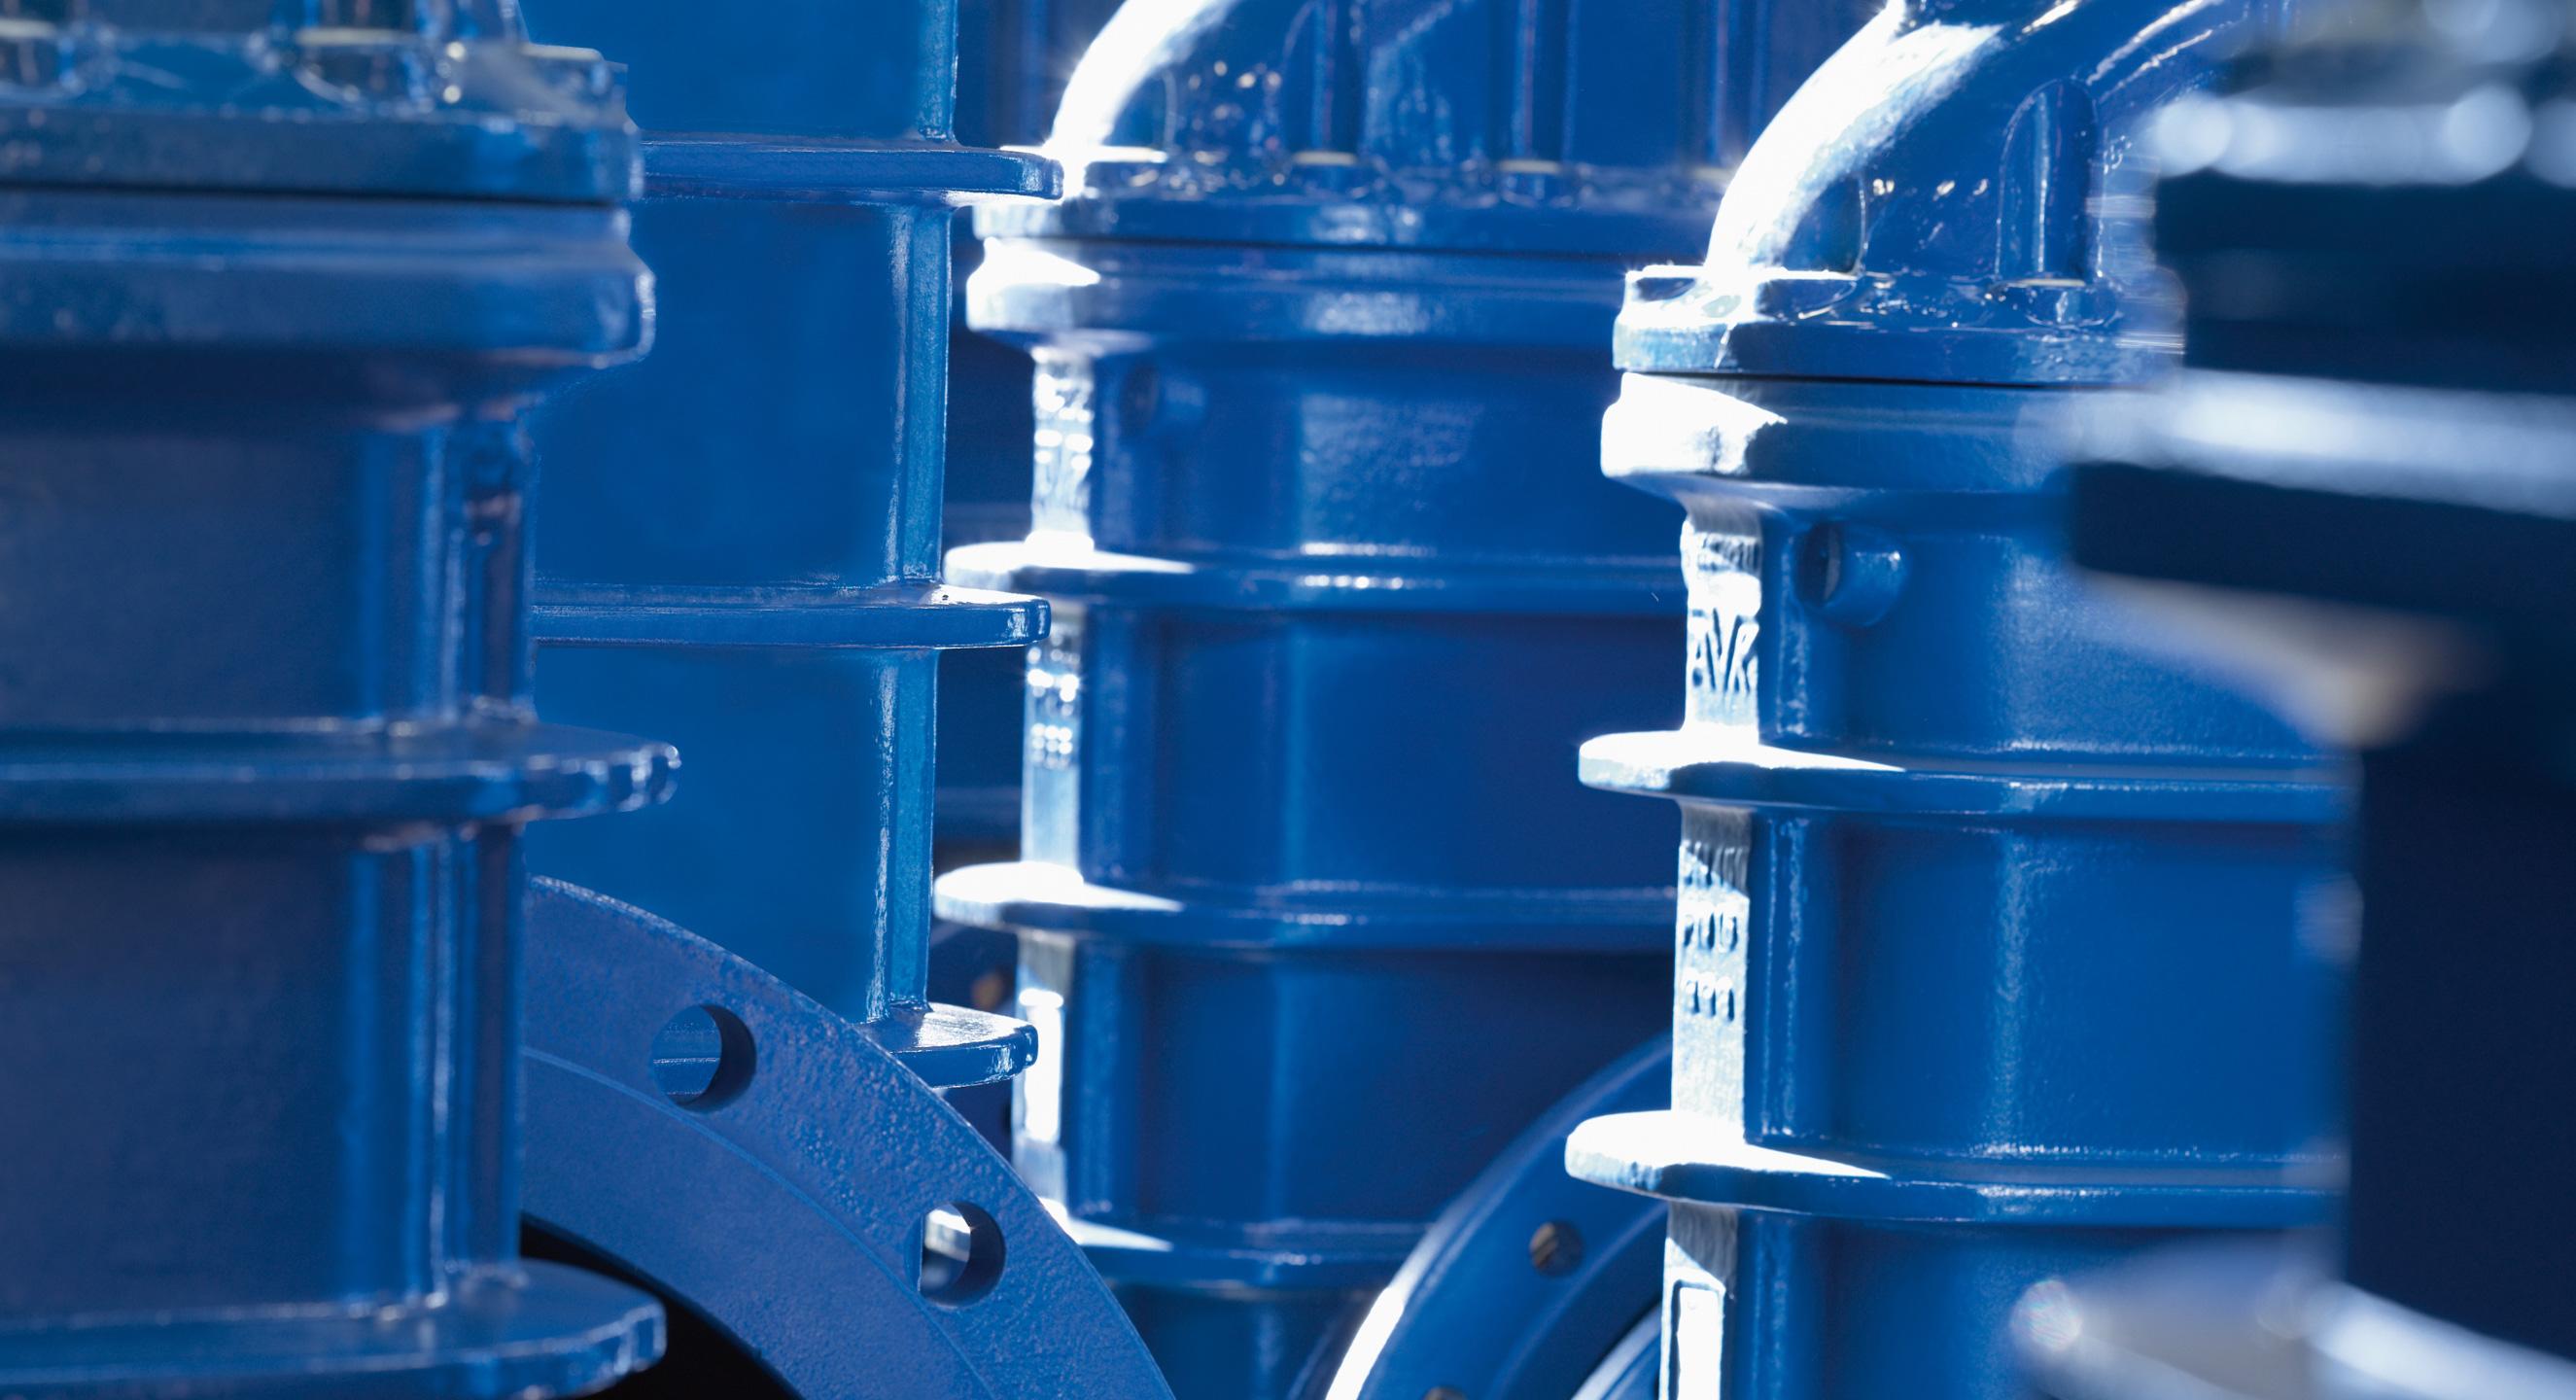 EN 1074-standarden definerer krav og testspecifikationer for ventiler i vandforsyningen